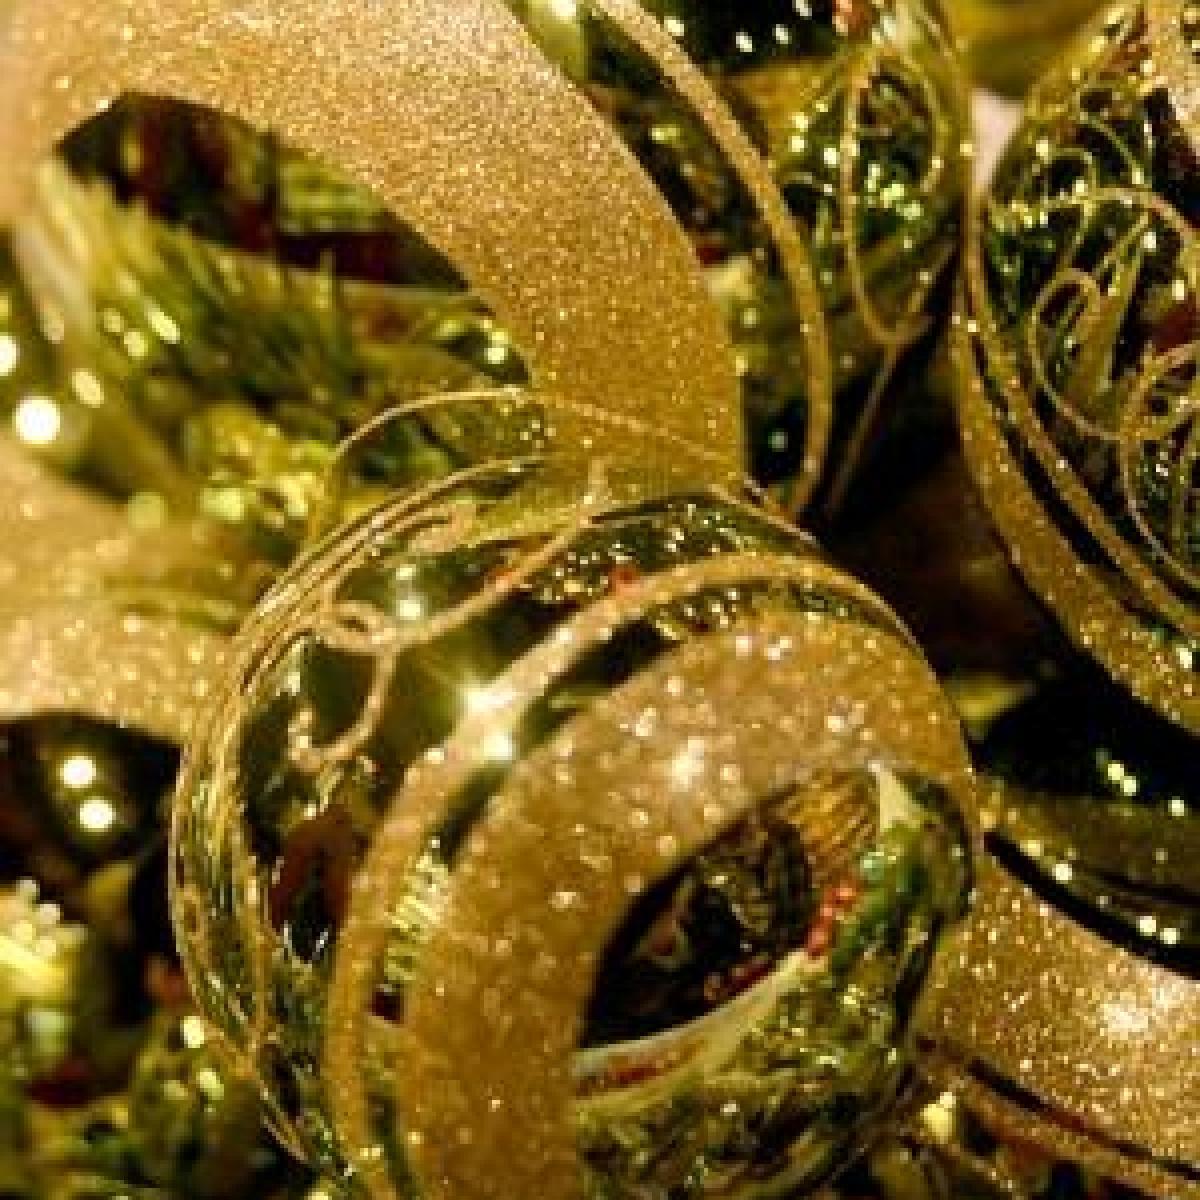 Geschenke, Gans und Kneipe: vielseitiges Weihnachten - Leben ...